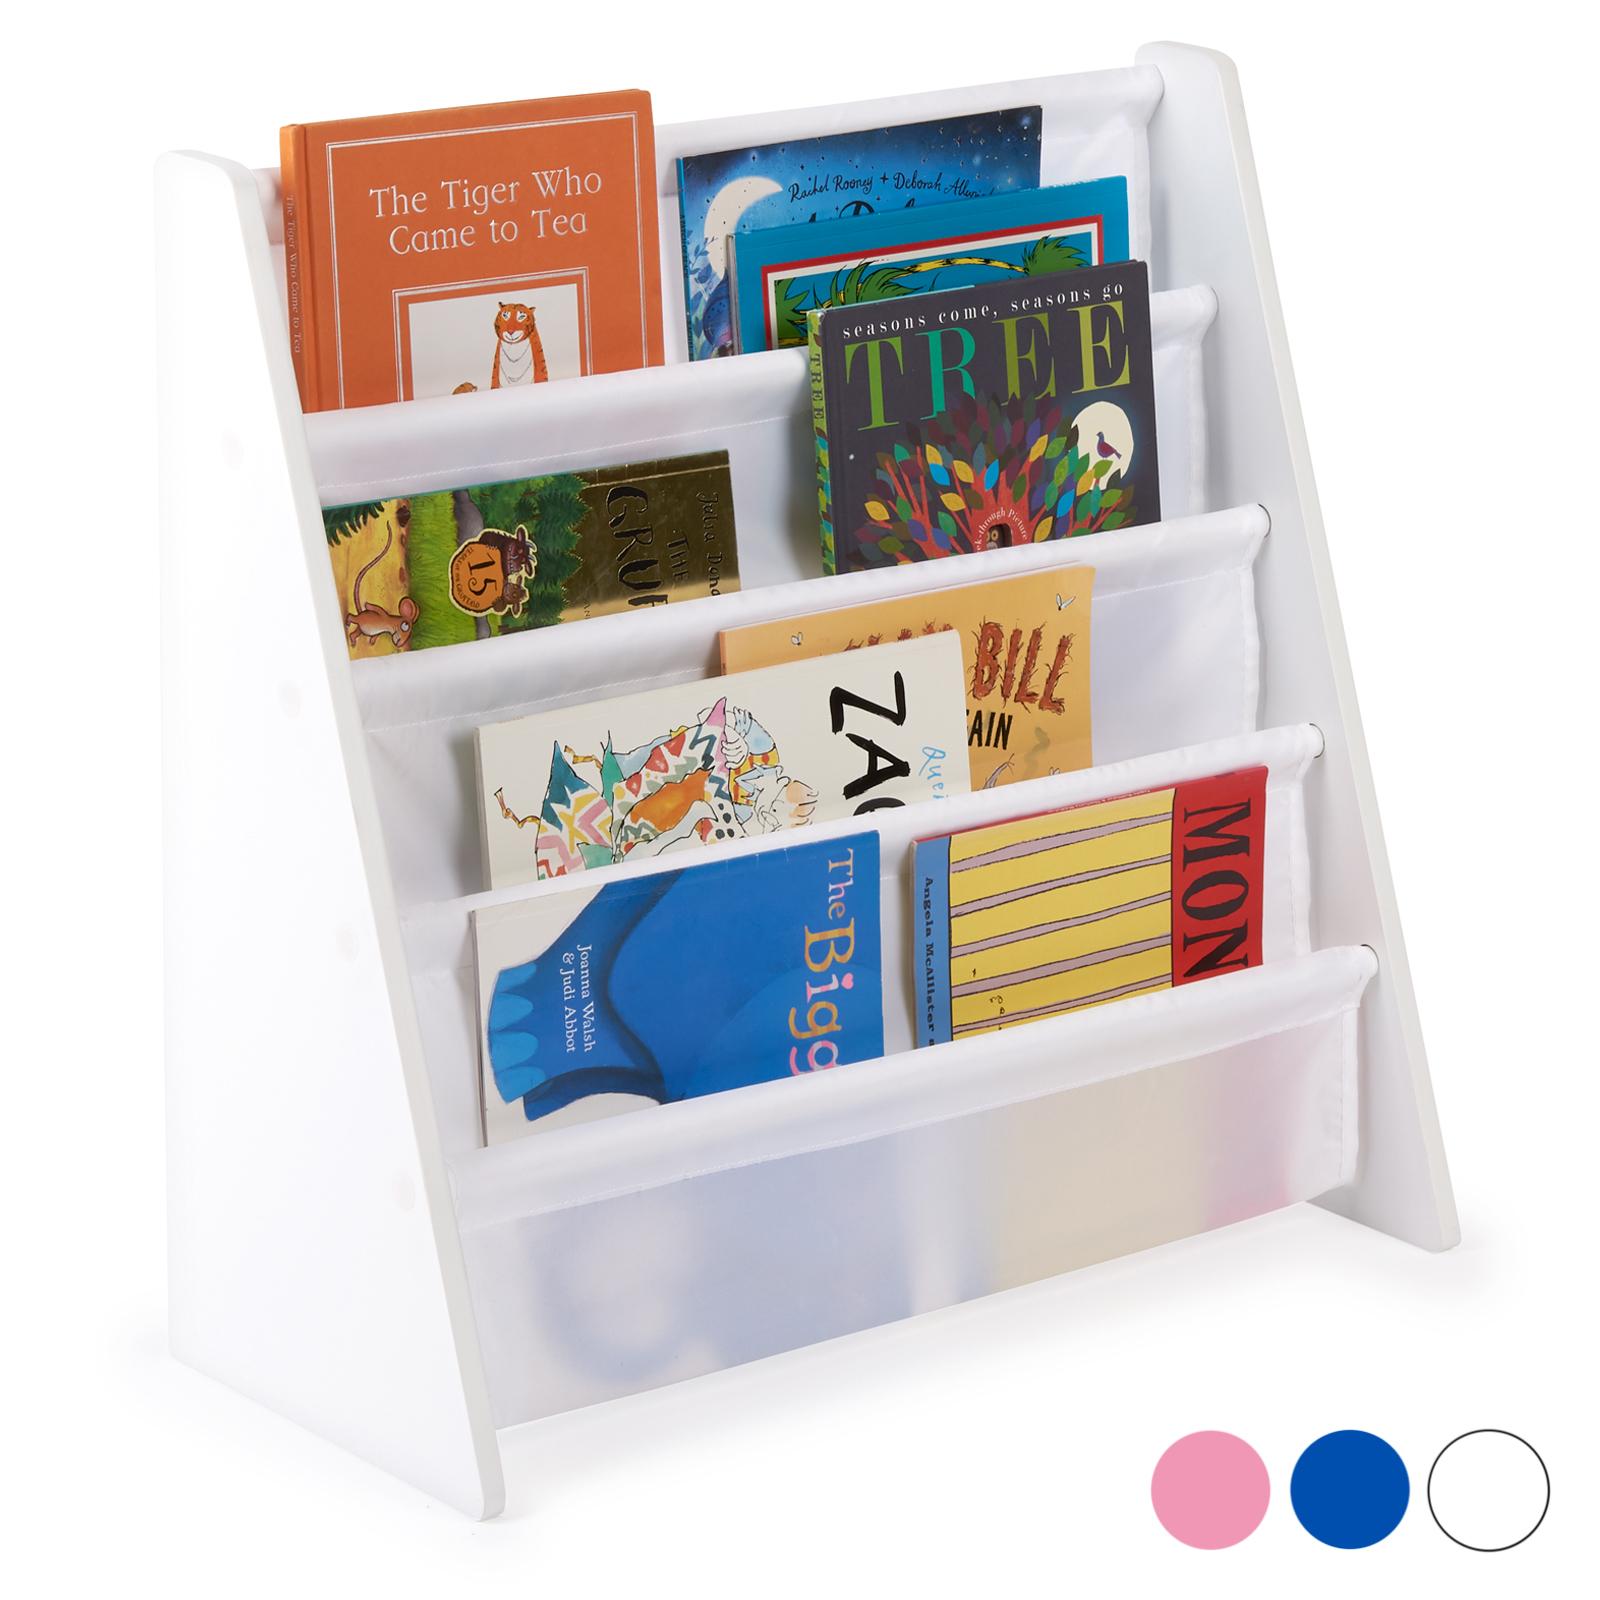 Scaffali E Librerie Per Bambini.Dettagli Su Hartleys Libreria Scaffale Bambini Per Libri A Piedistallo In Legno Bianco